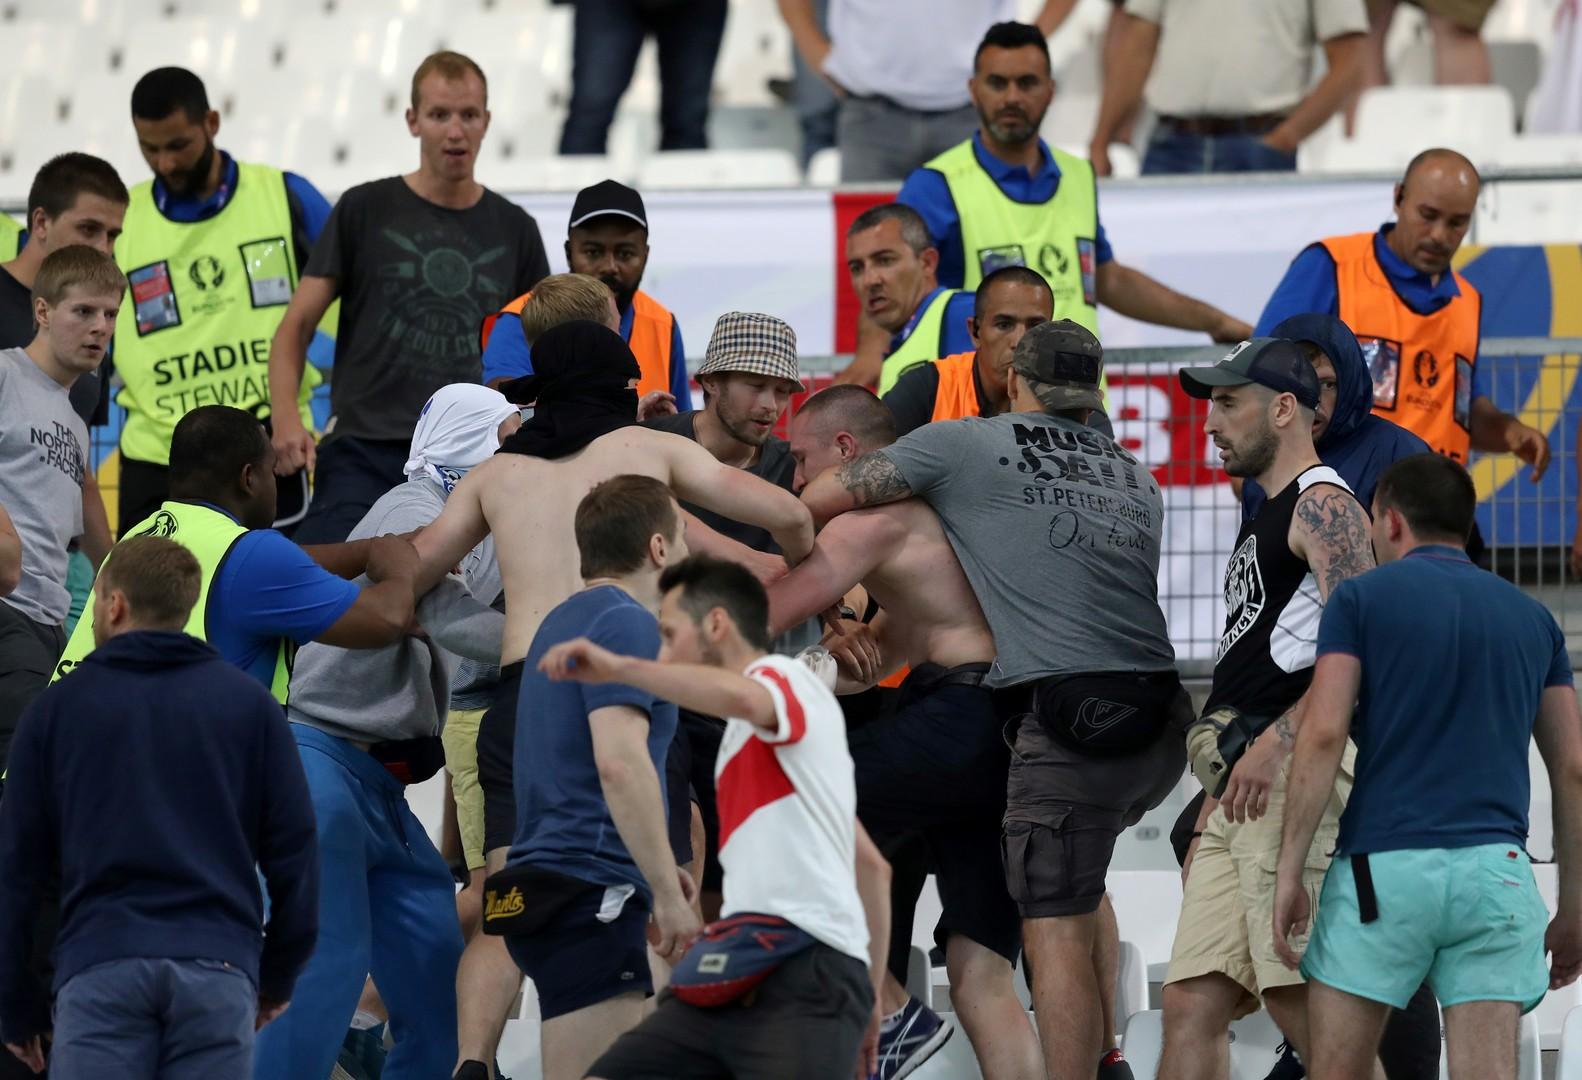 Violences dans le Stade Vélodrome lors du match Angleterre-Russie